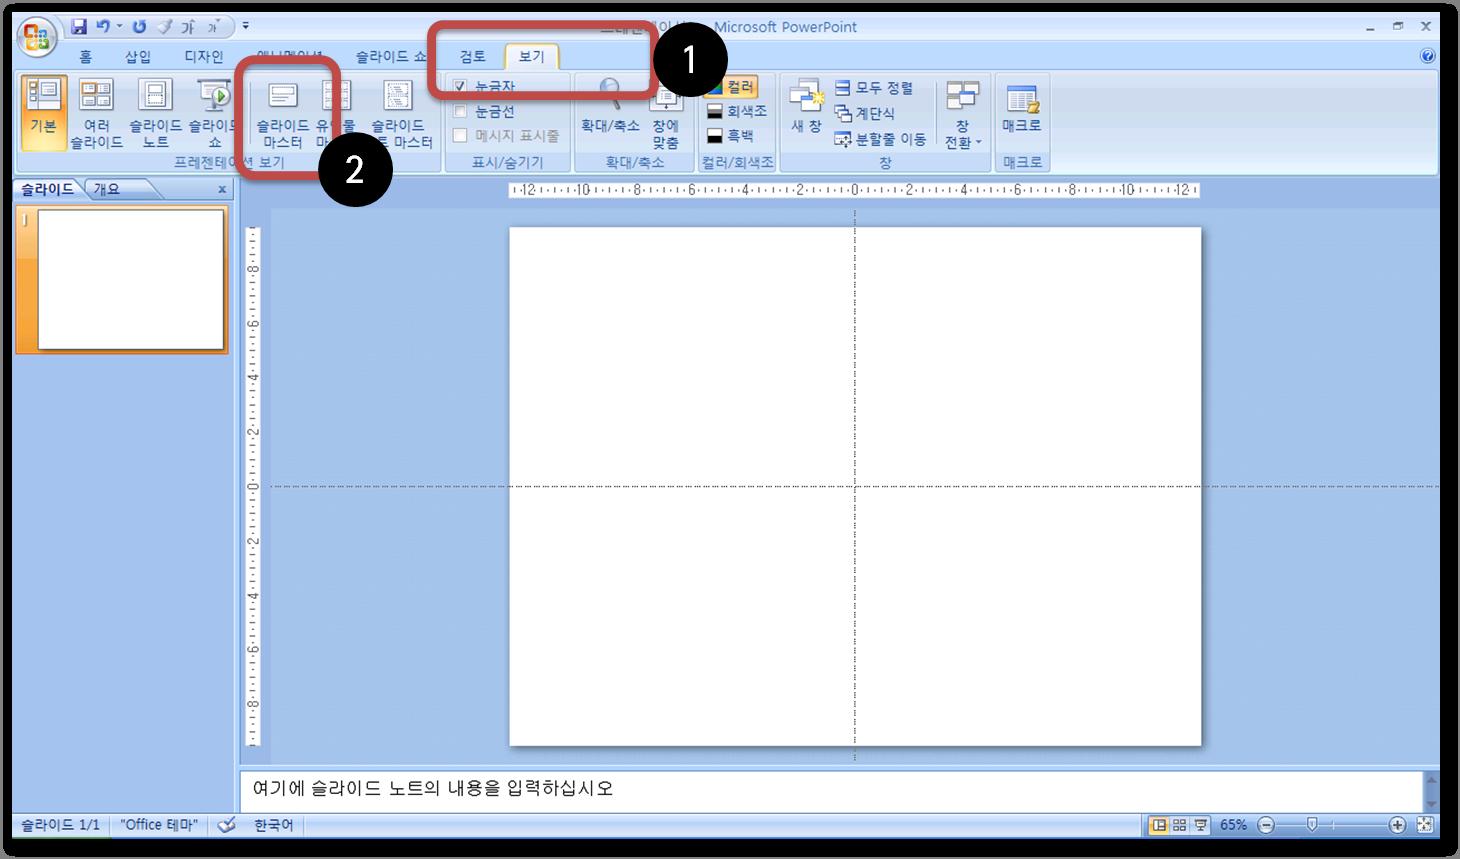 [파워포인트 슬라이드 마스터] 어려운 파워포인트 슬라이드 디자인을 파워포인트 슬라이드 마스터에서 쉽게하기!